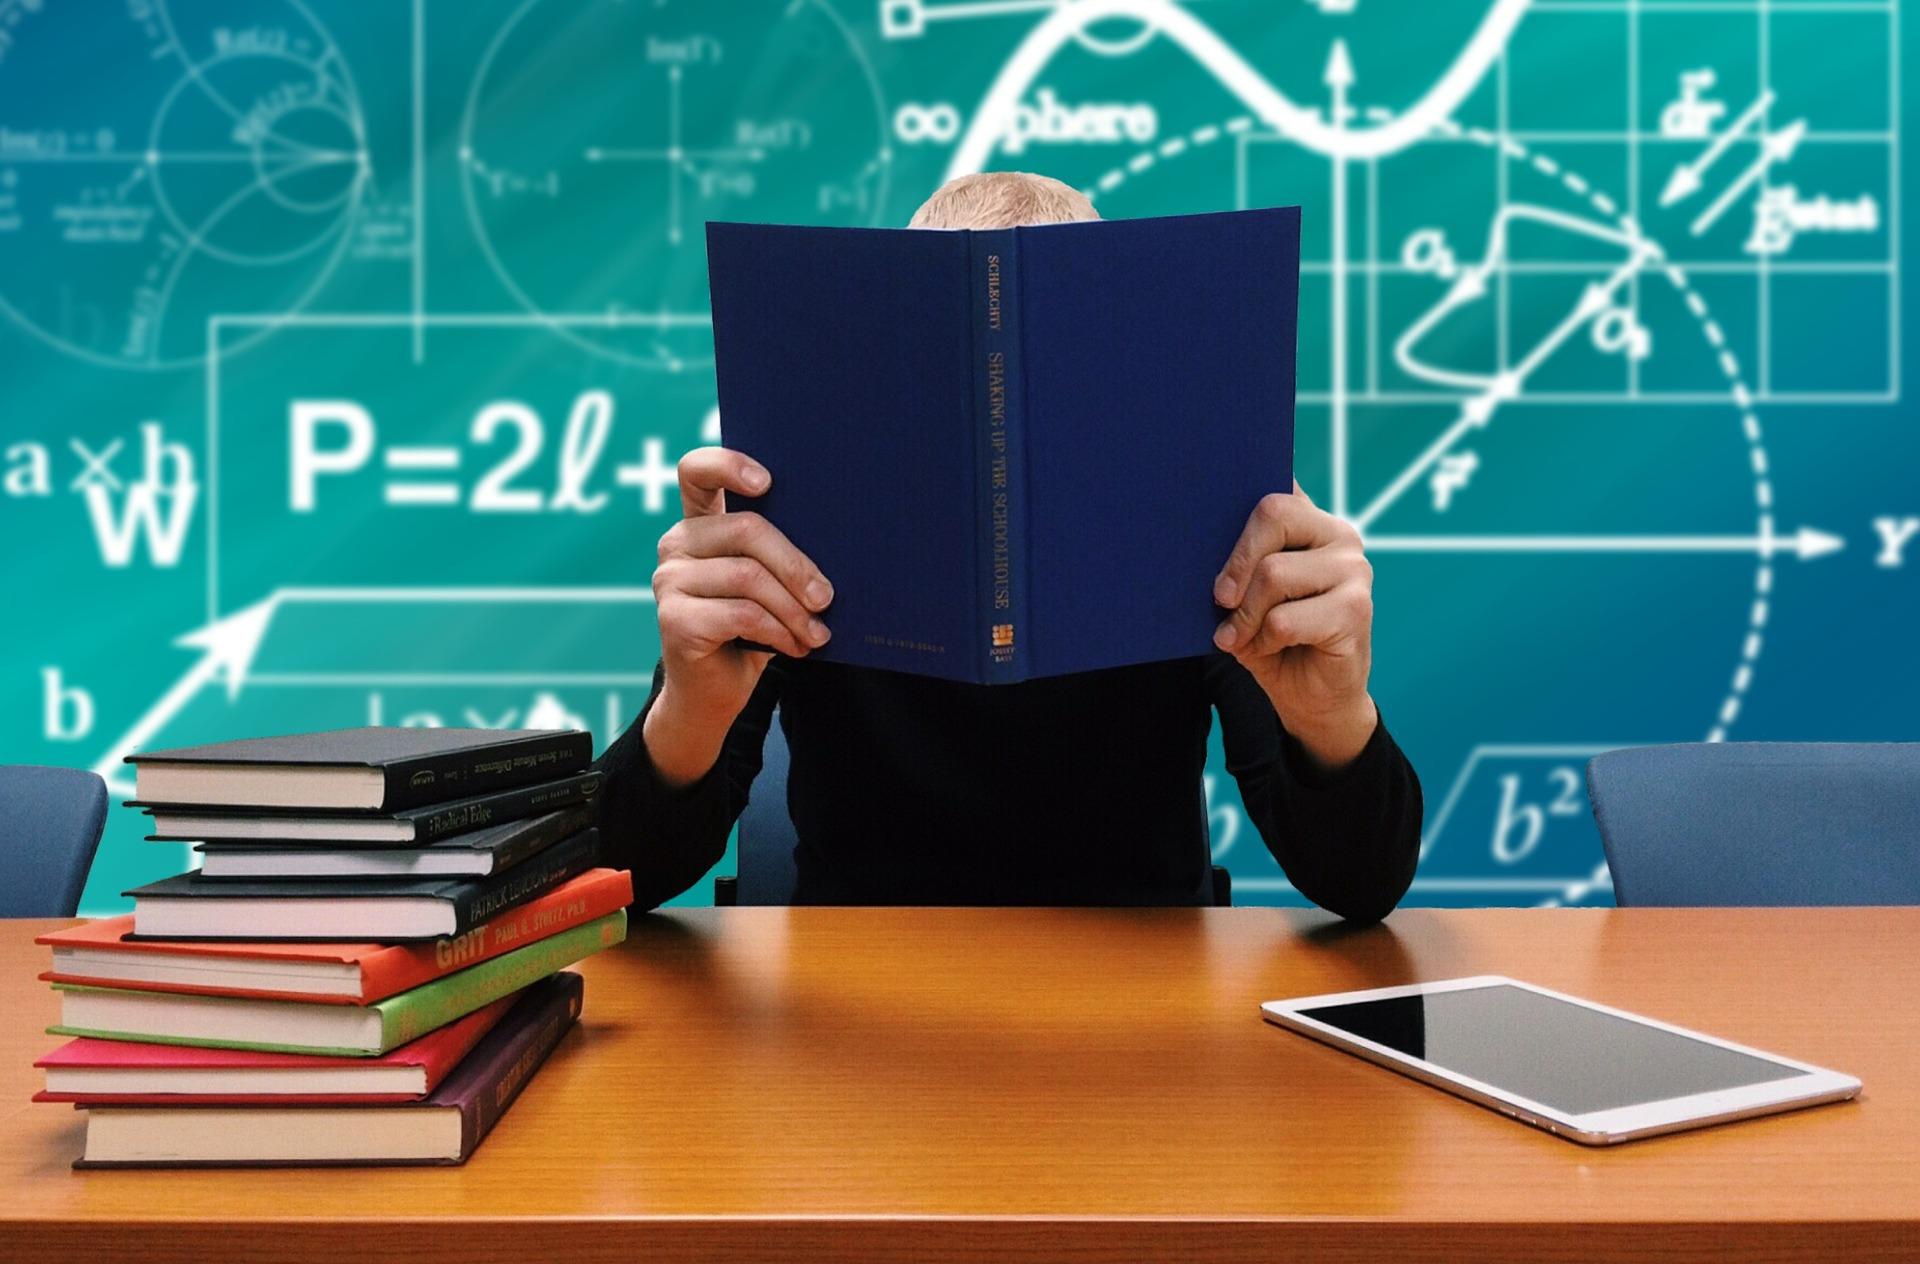 Studenti krajských středních škol se dočkají nového vybavení